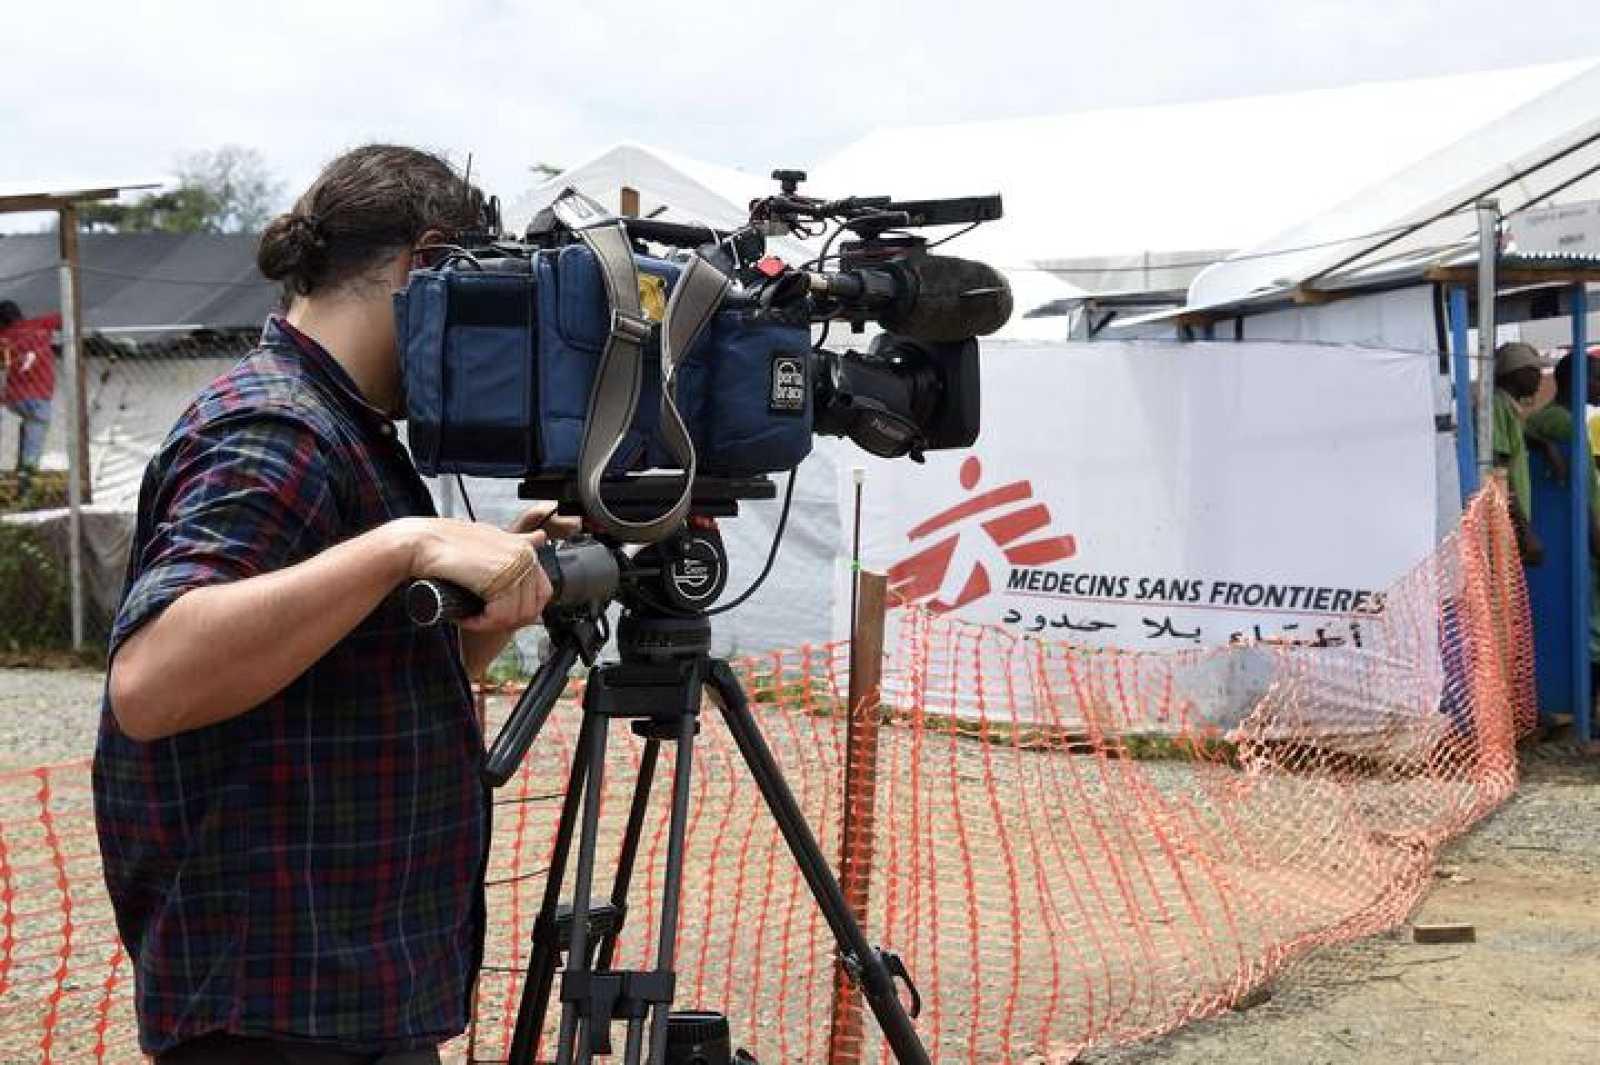 Un cámara graba imágenes en un centro de tratamiento del ébola en Liberia.